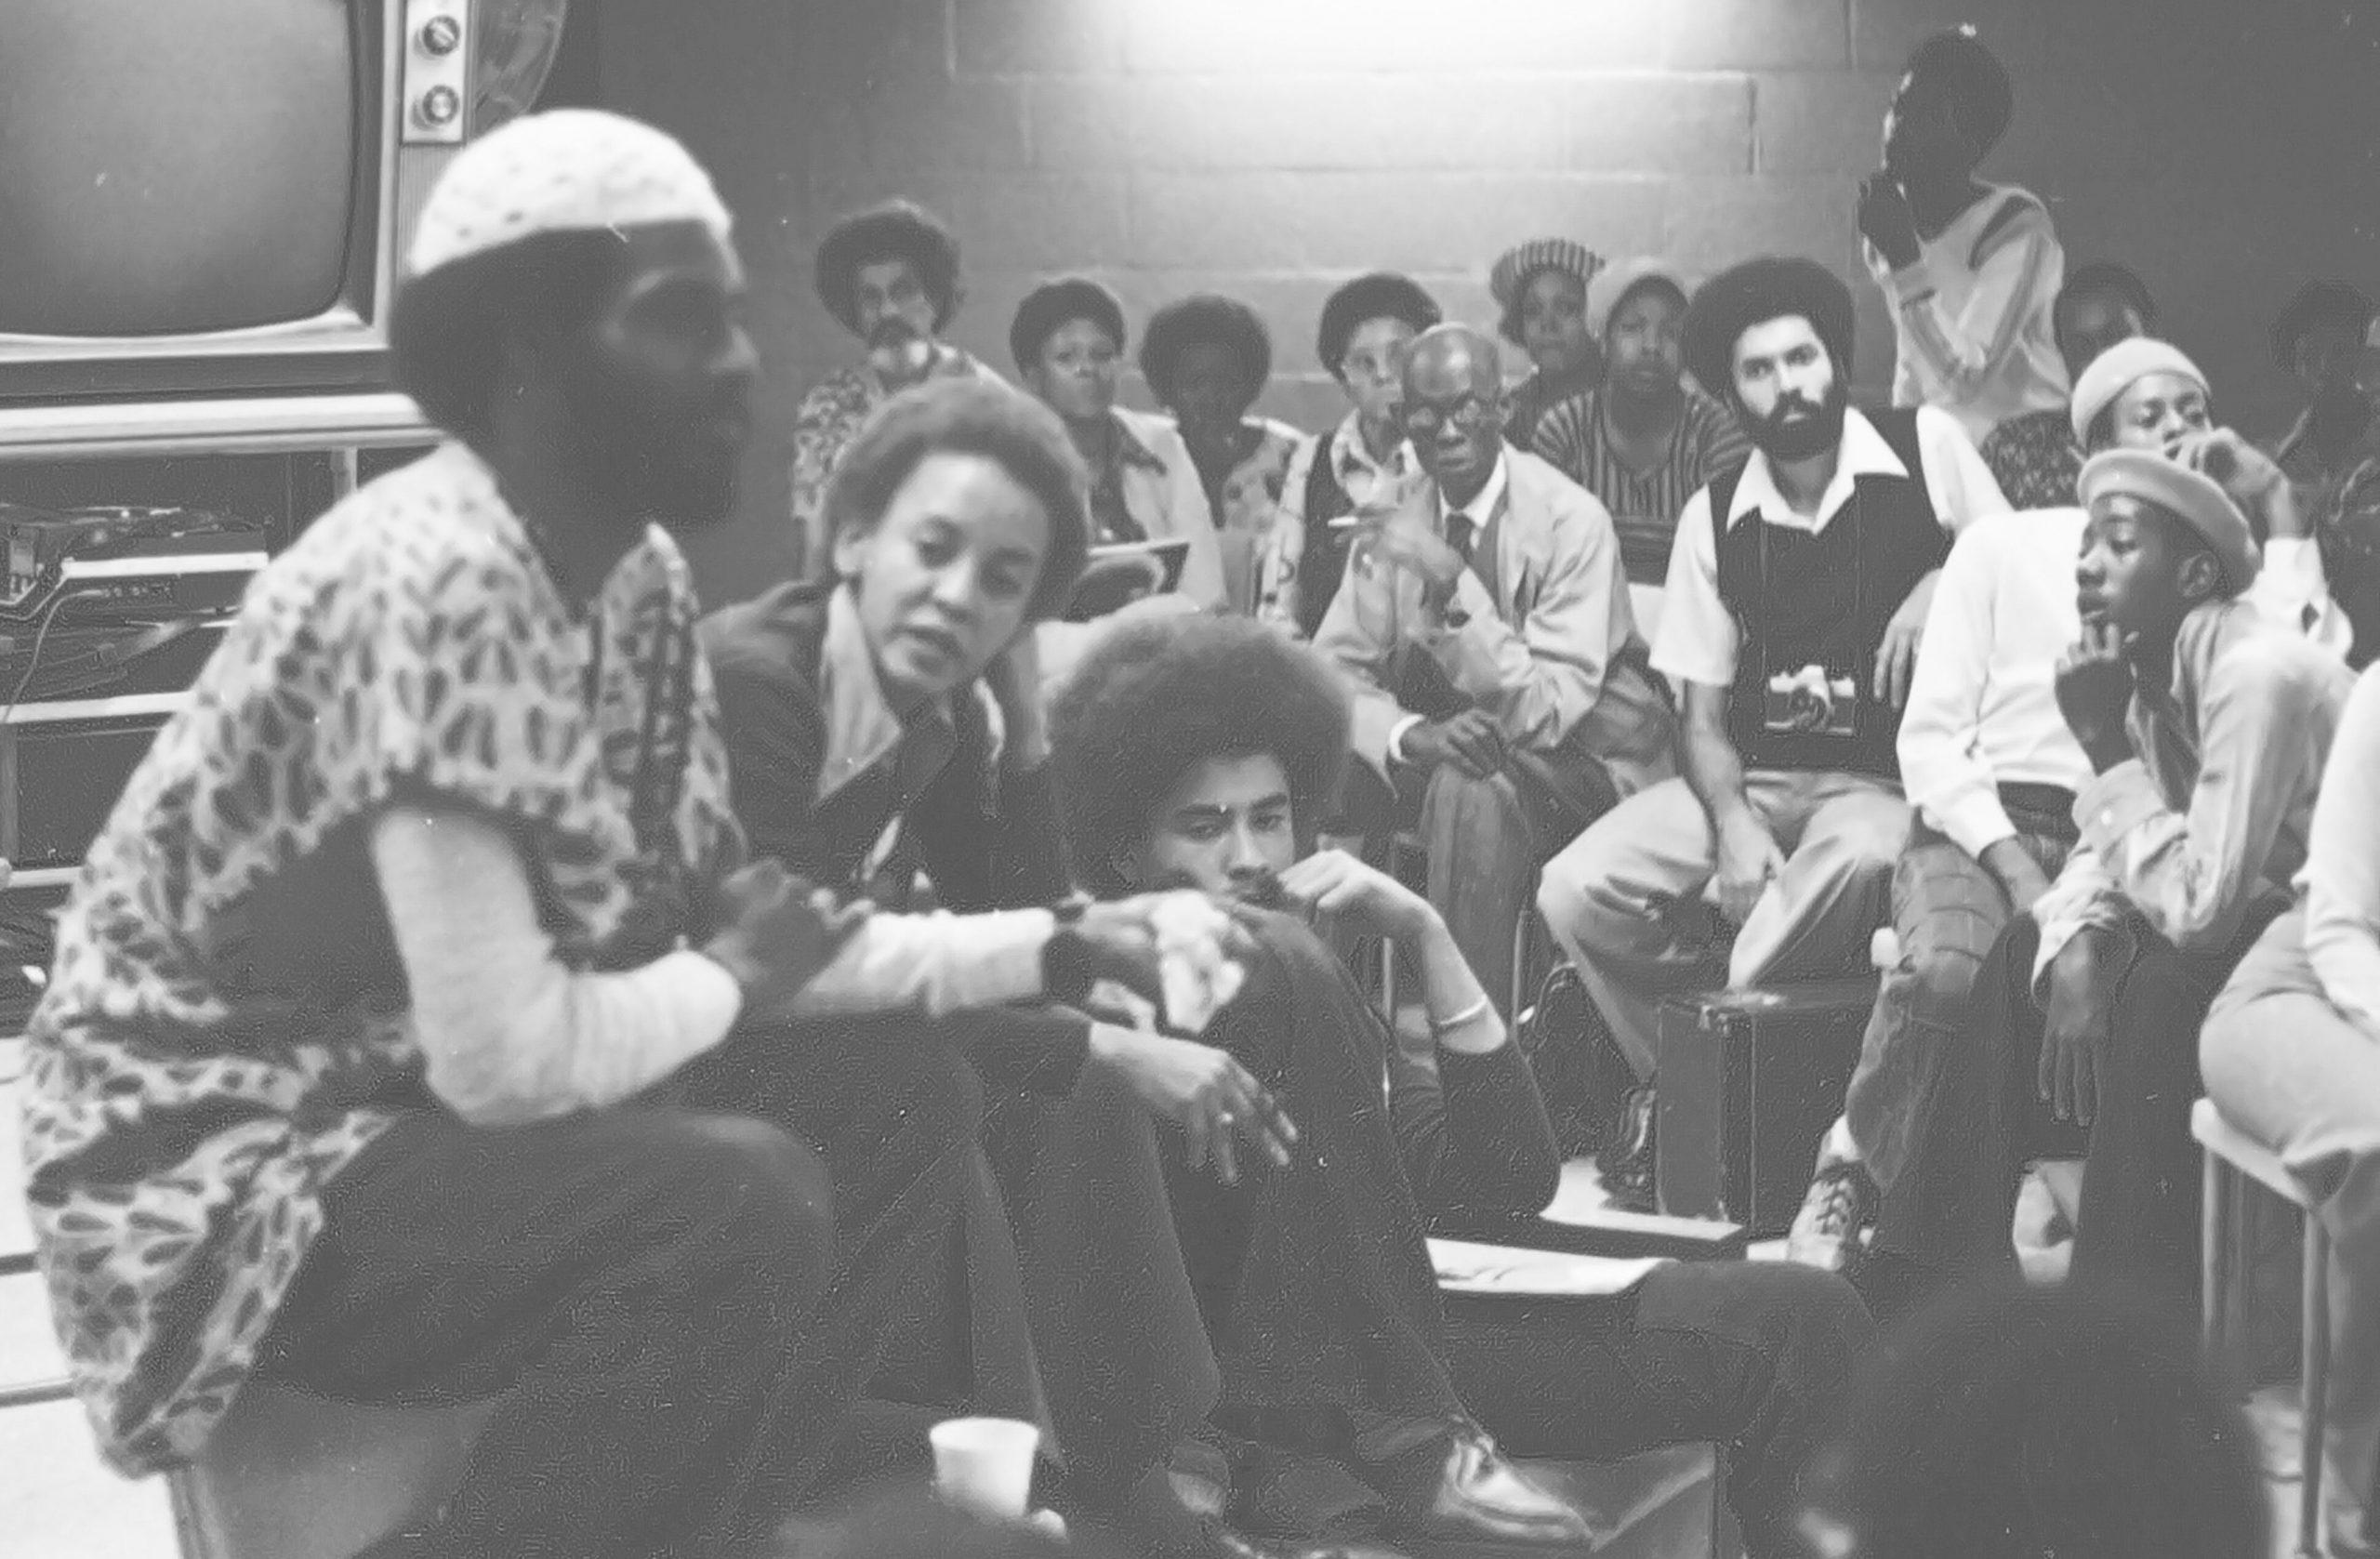 Mwatabu Okantah seated next to Nikki Giovani. Old Ritche Hall, 1975